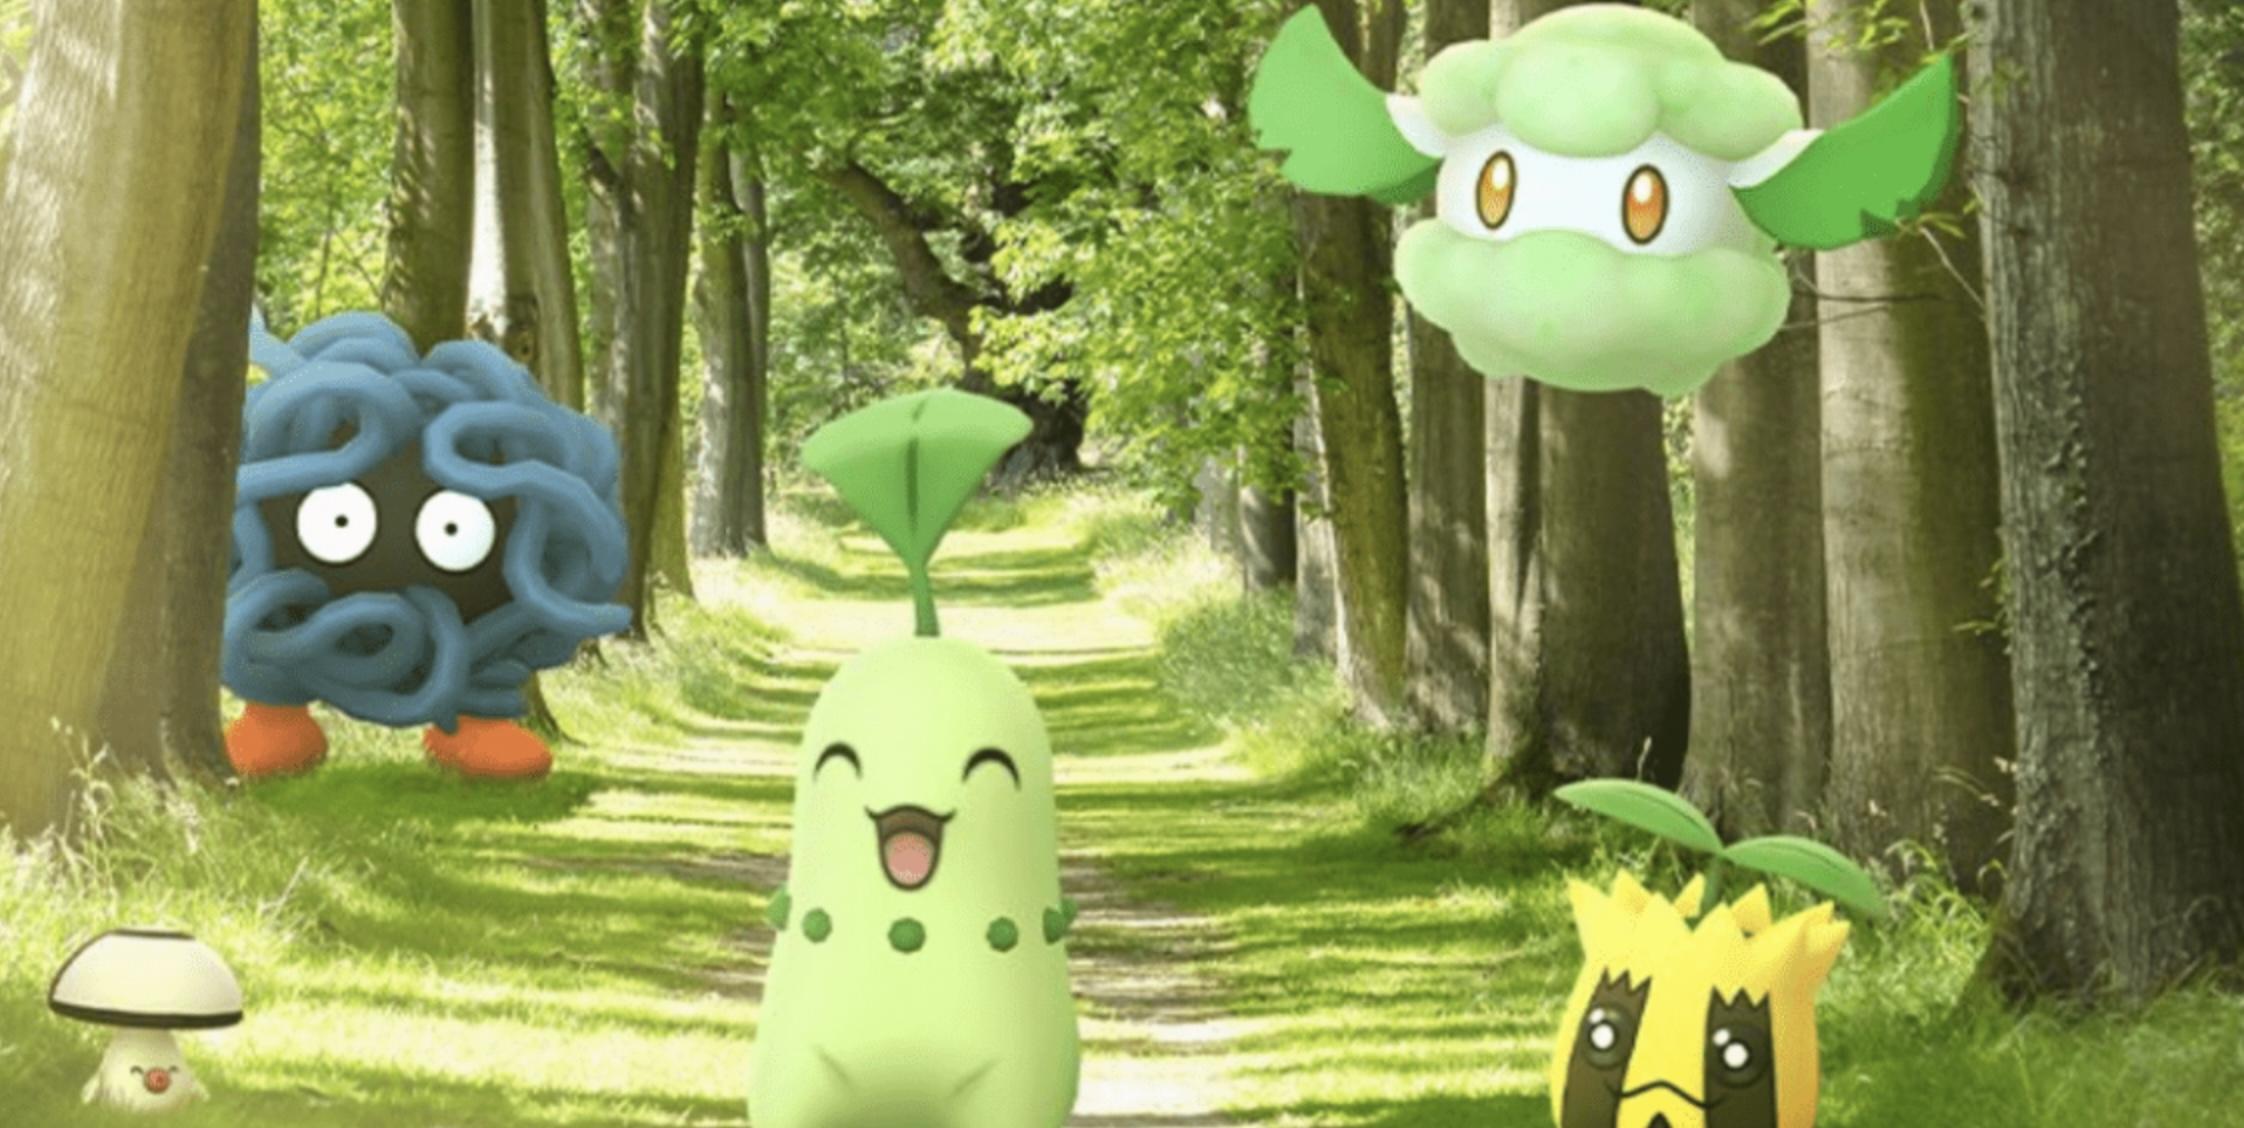 Pokemon Go Global Challenge 2021